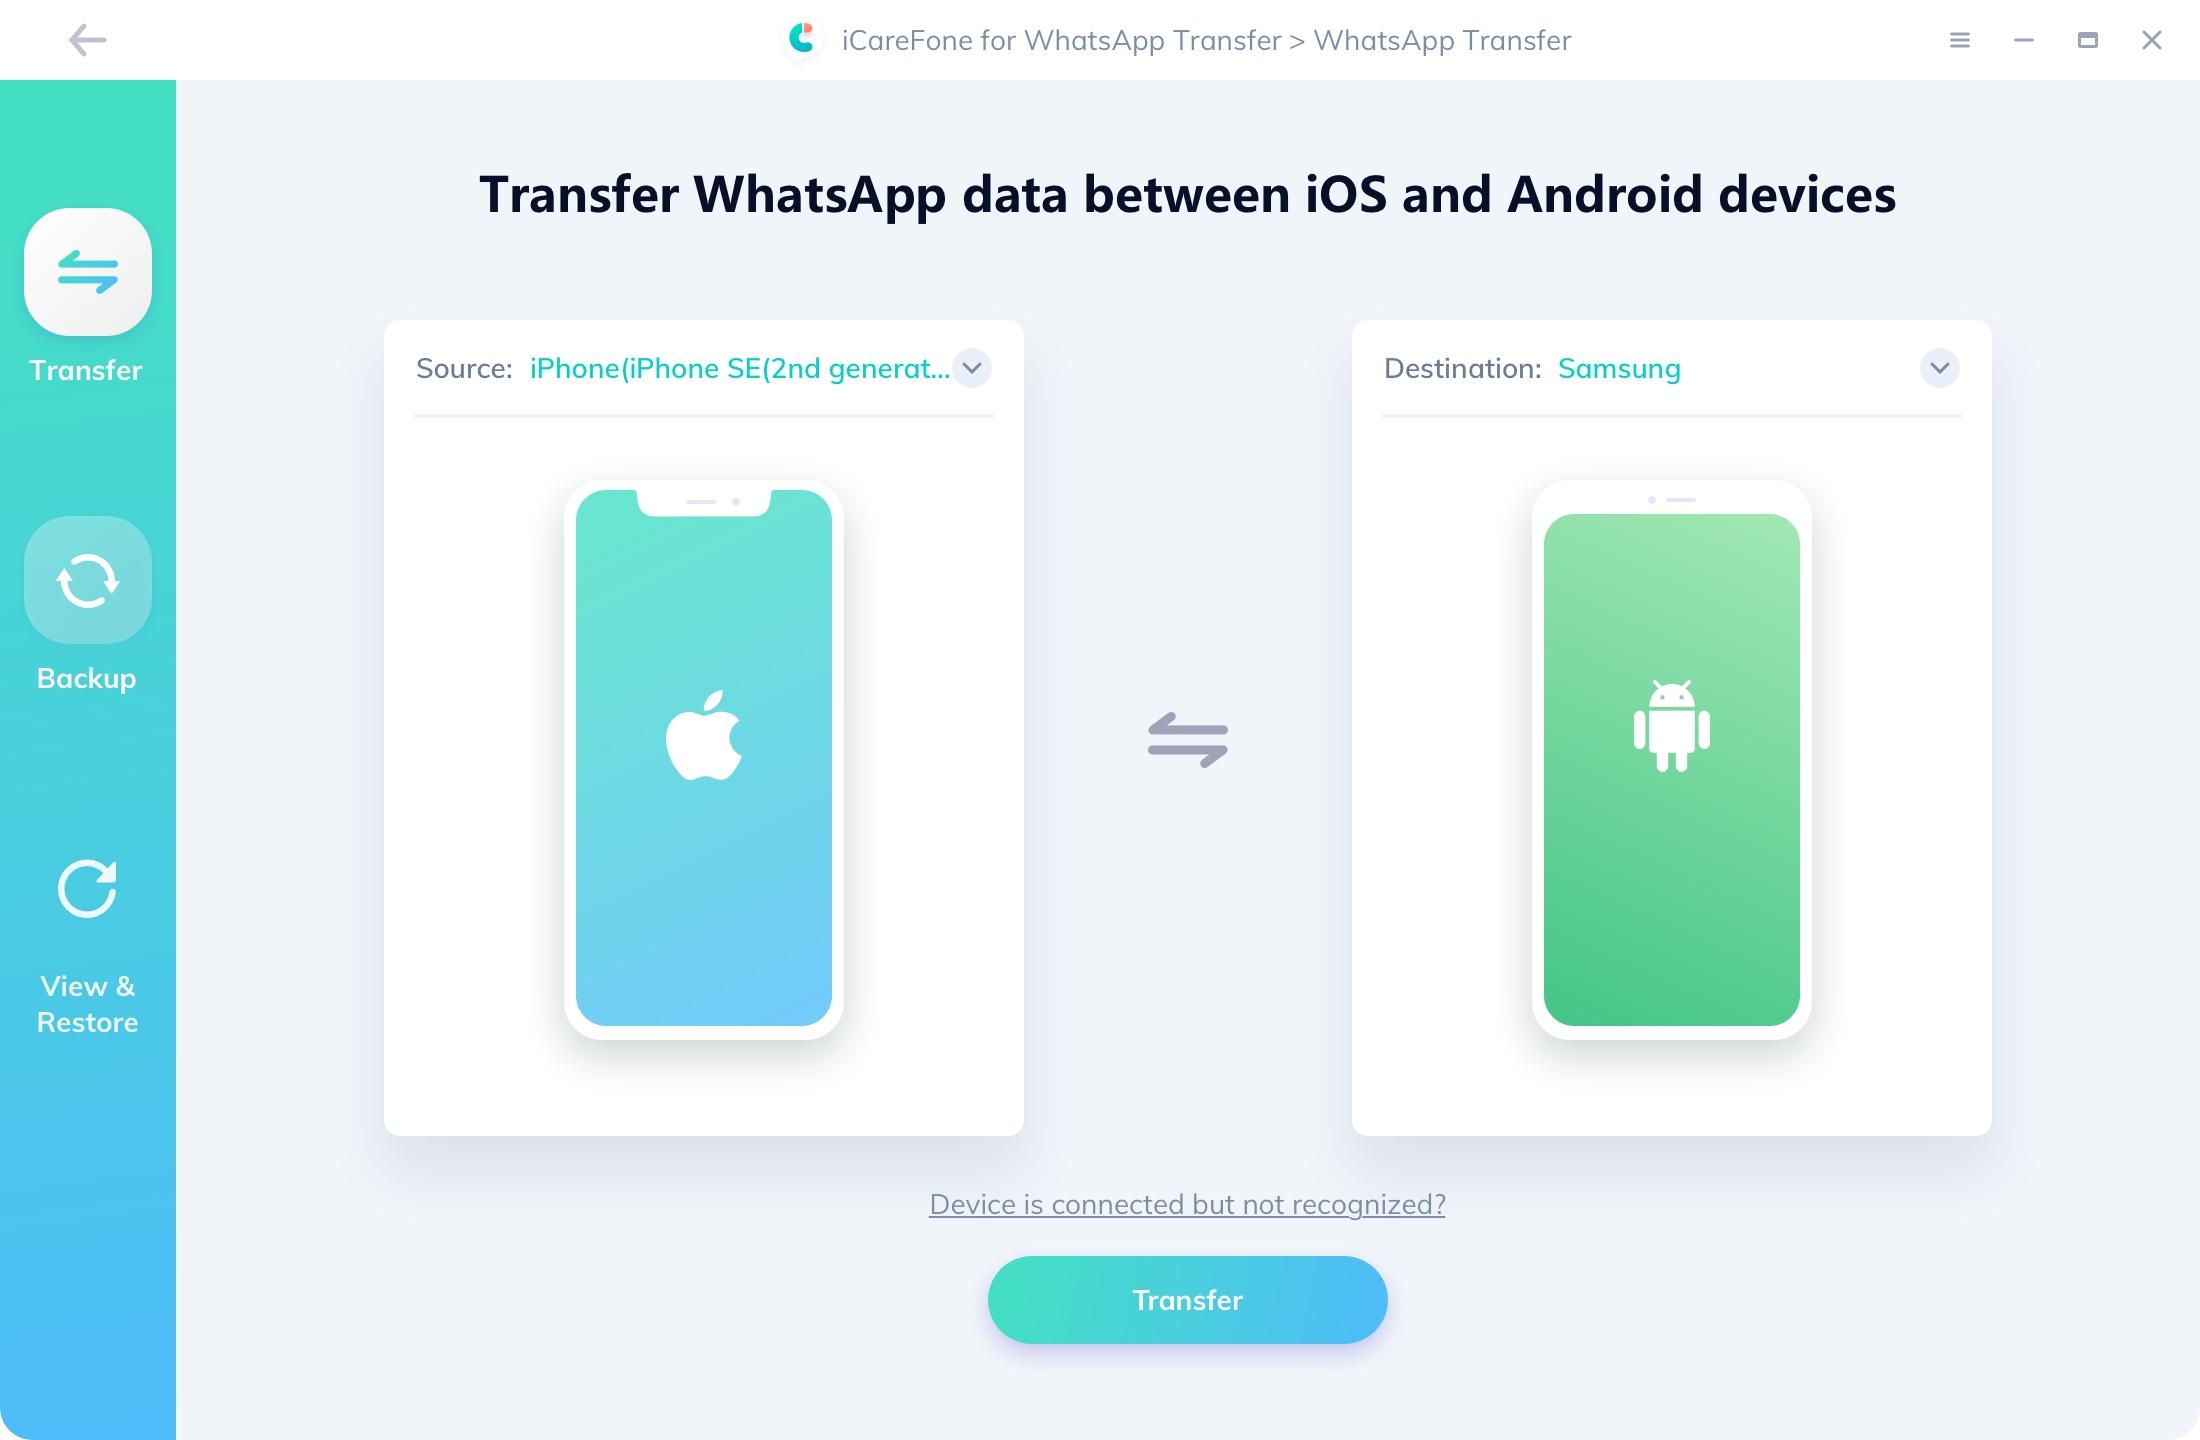 icarefone WhatsApp Transfer Software herunterladen und installieren